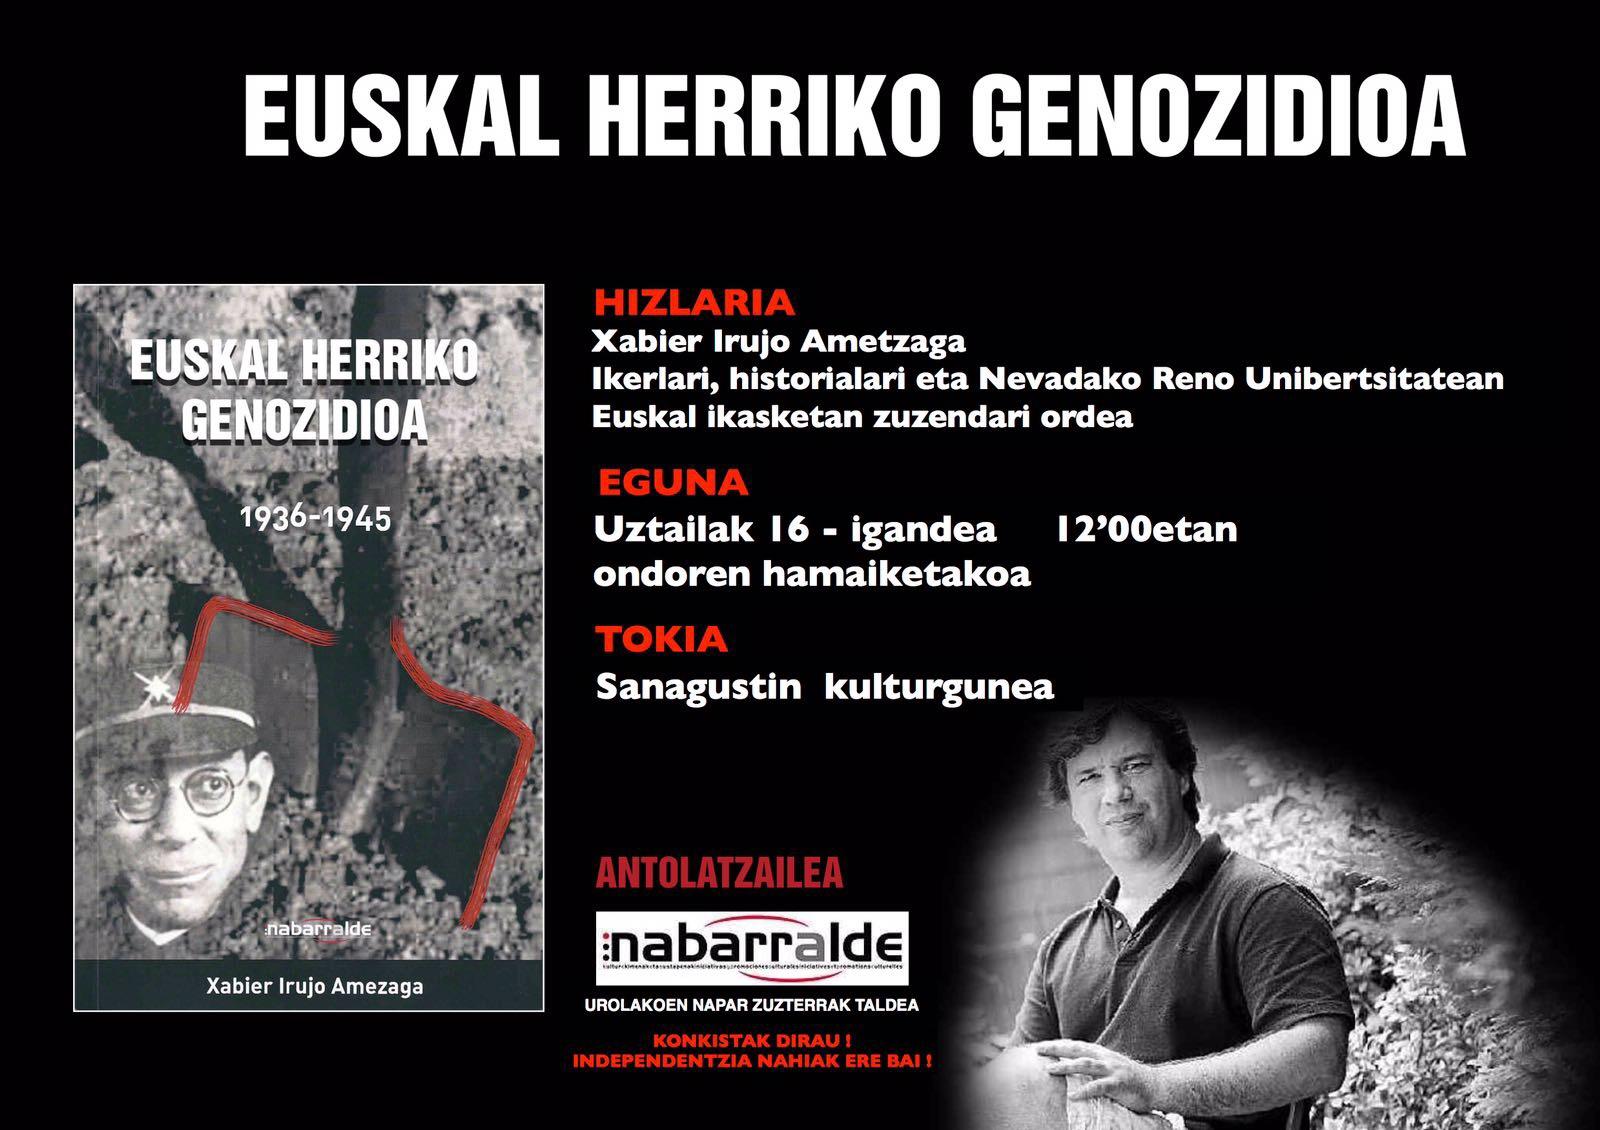 Euskal Herriko genozidioa